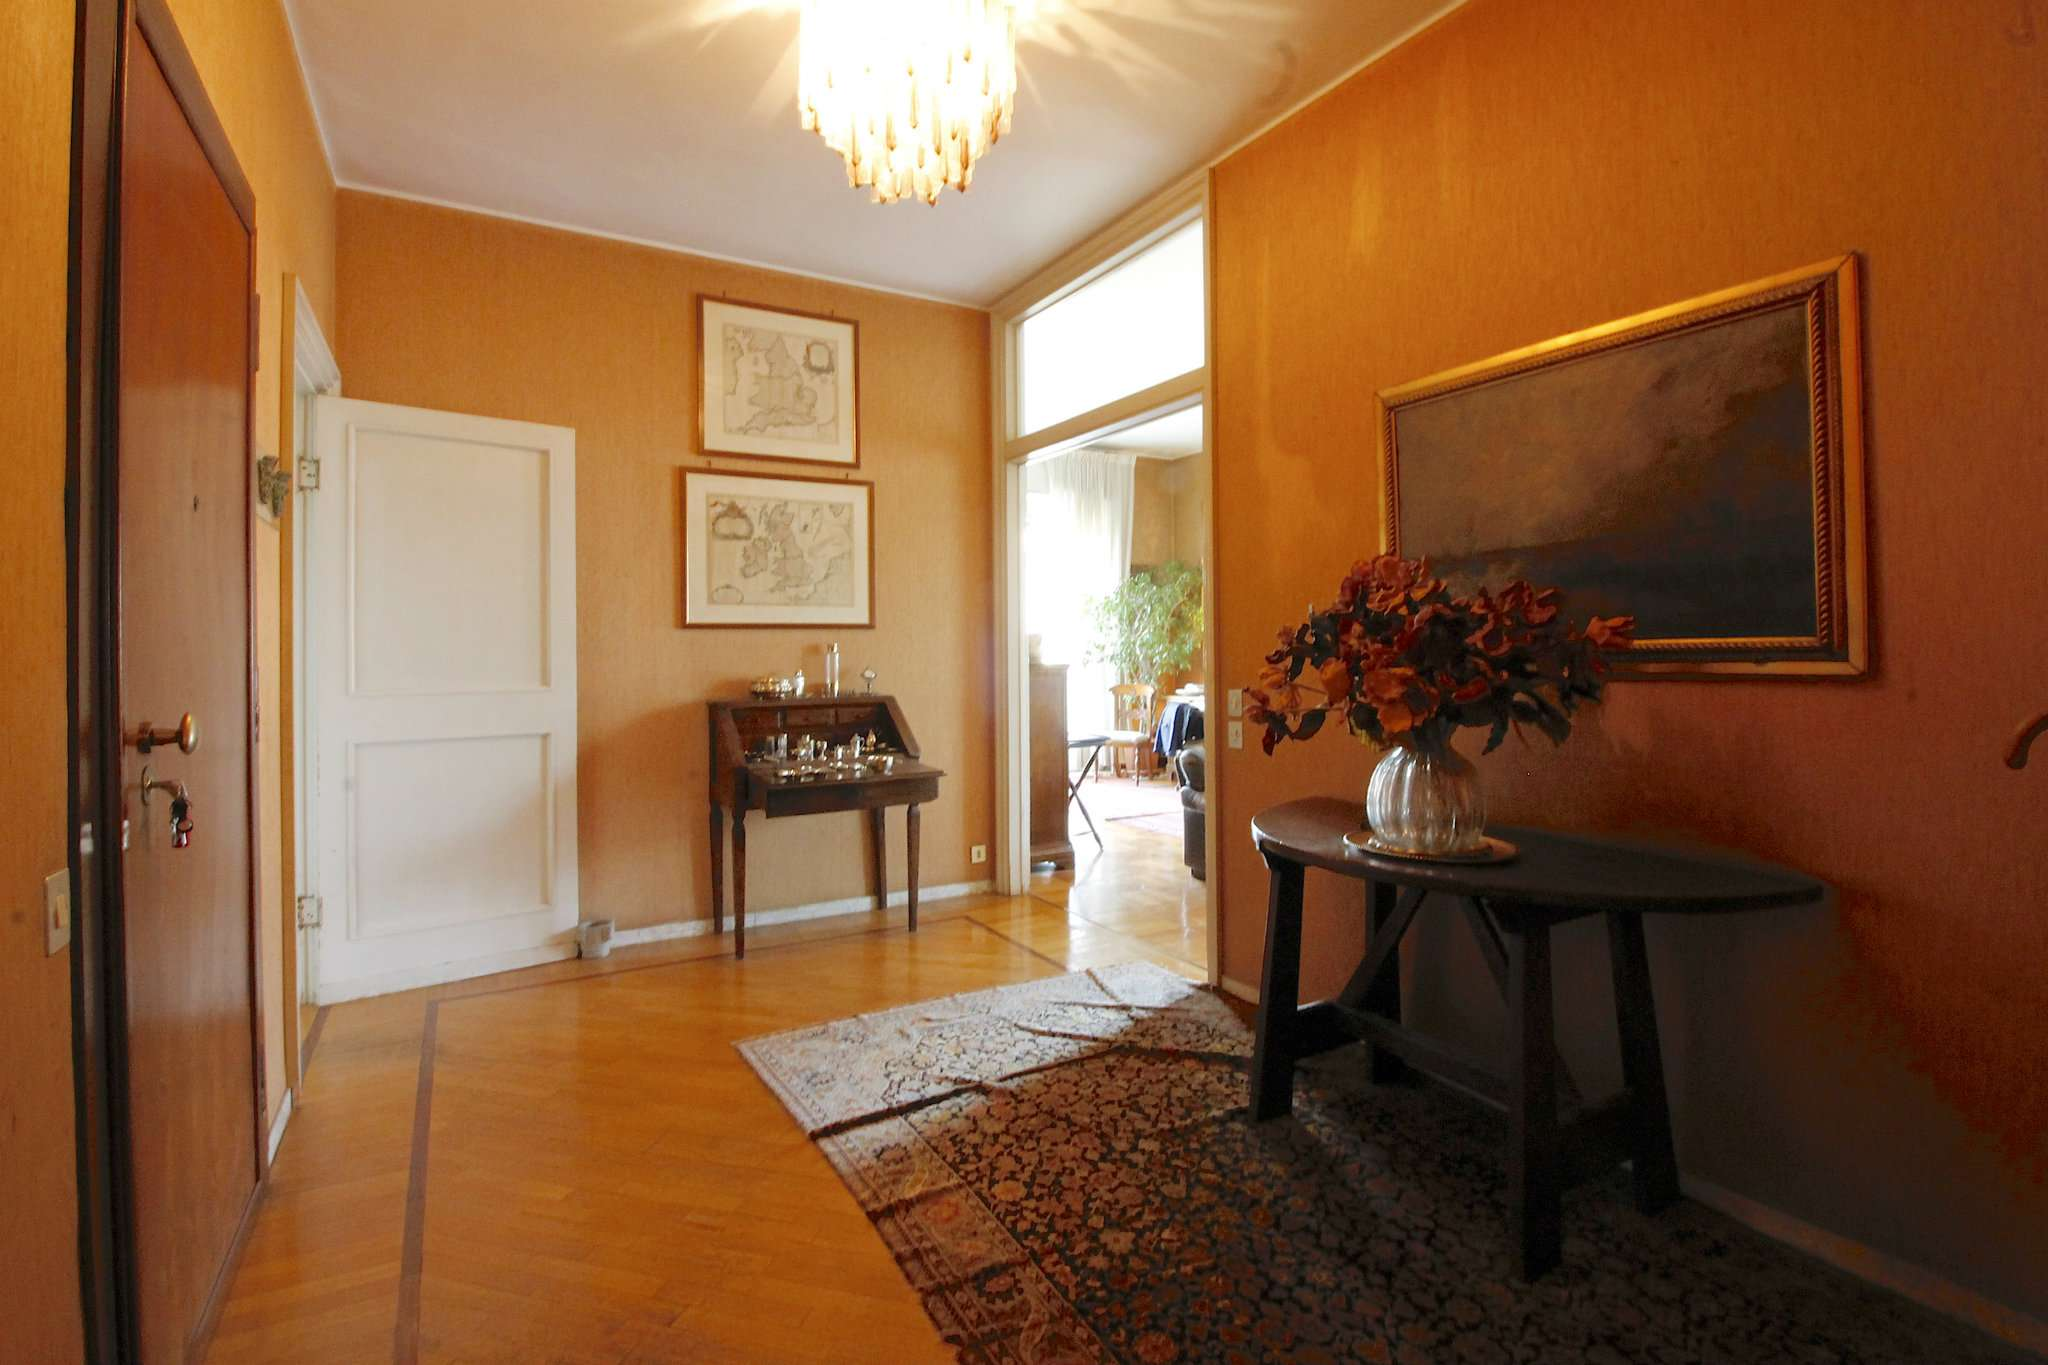 Appartamenti in vendita a milano in zona brera cerca for Brera appartamenti